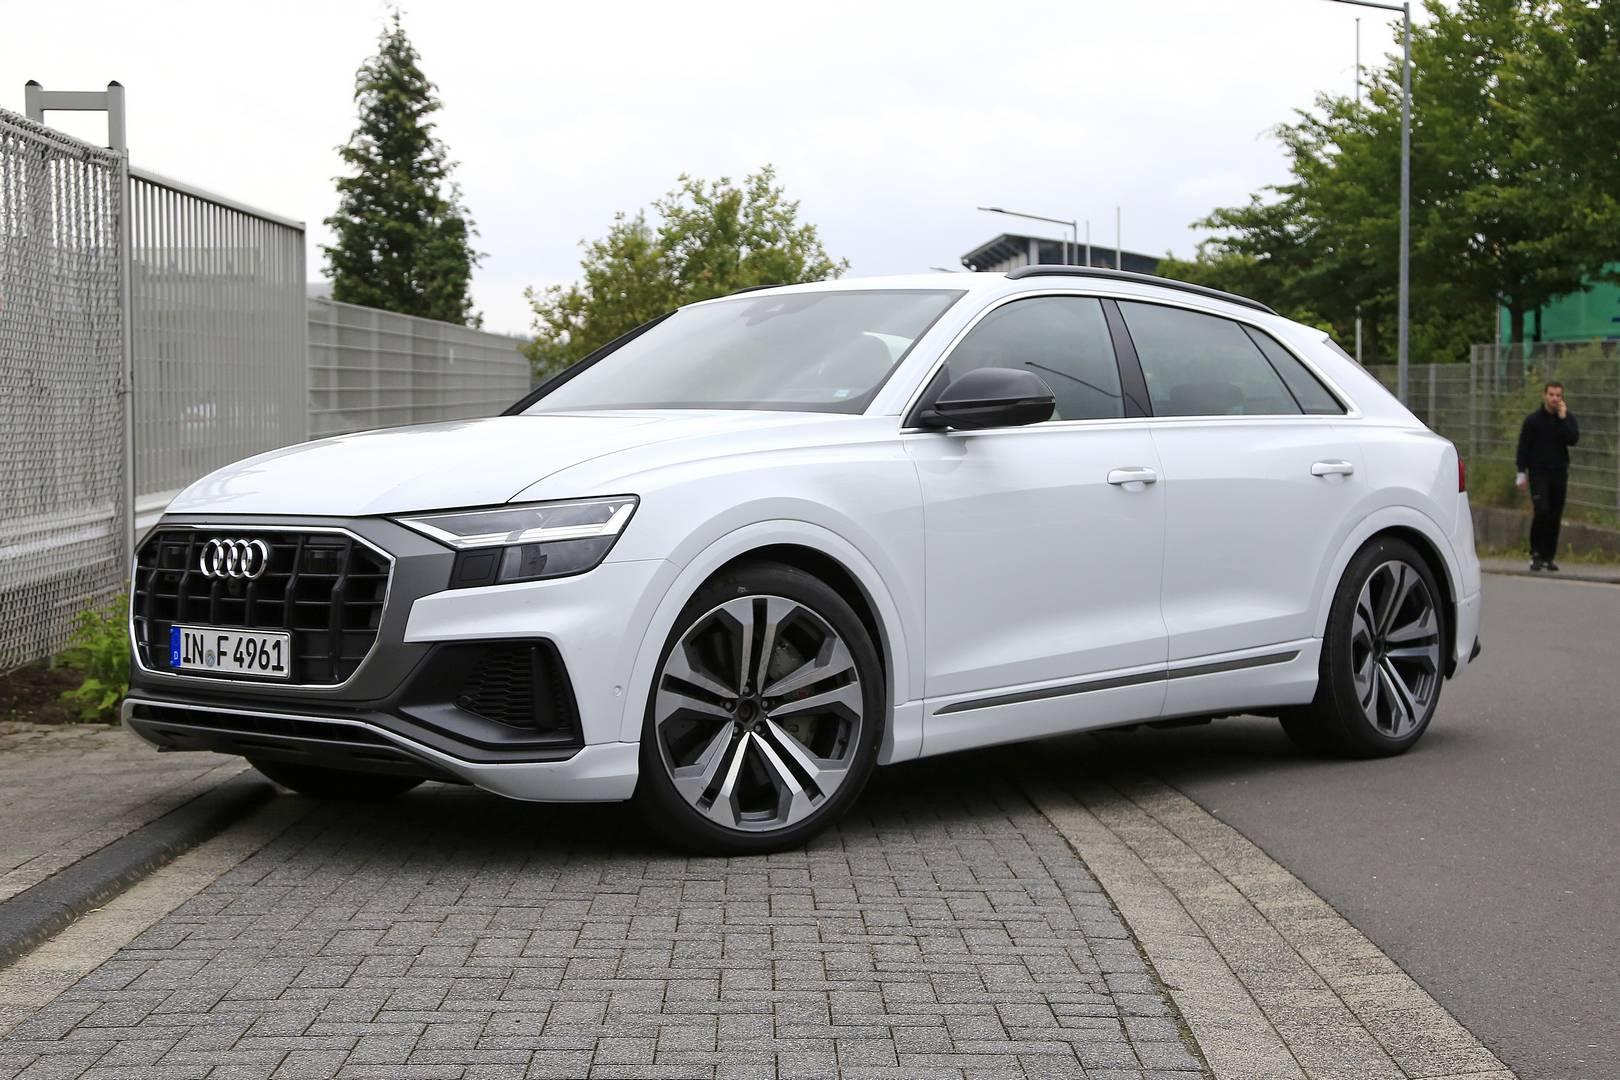 Визуально нет никакой разницы между этим автомобилем и Q8, который сейчас существует. Ожидается, что SQ8 получит новый дизайн передней части и обновленный задний диффузор.